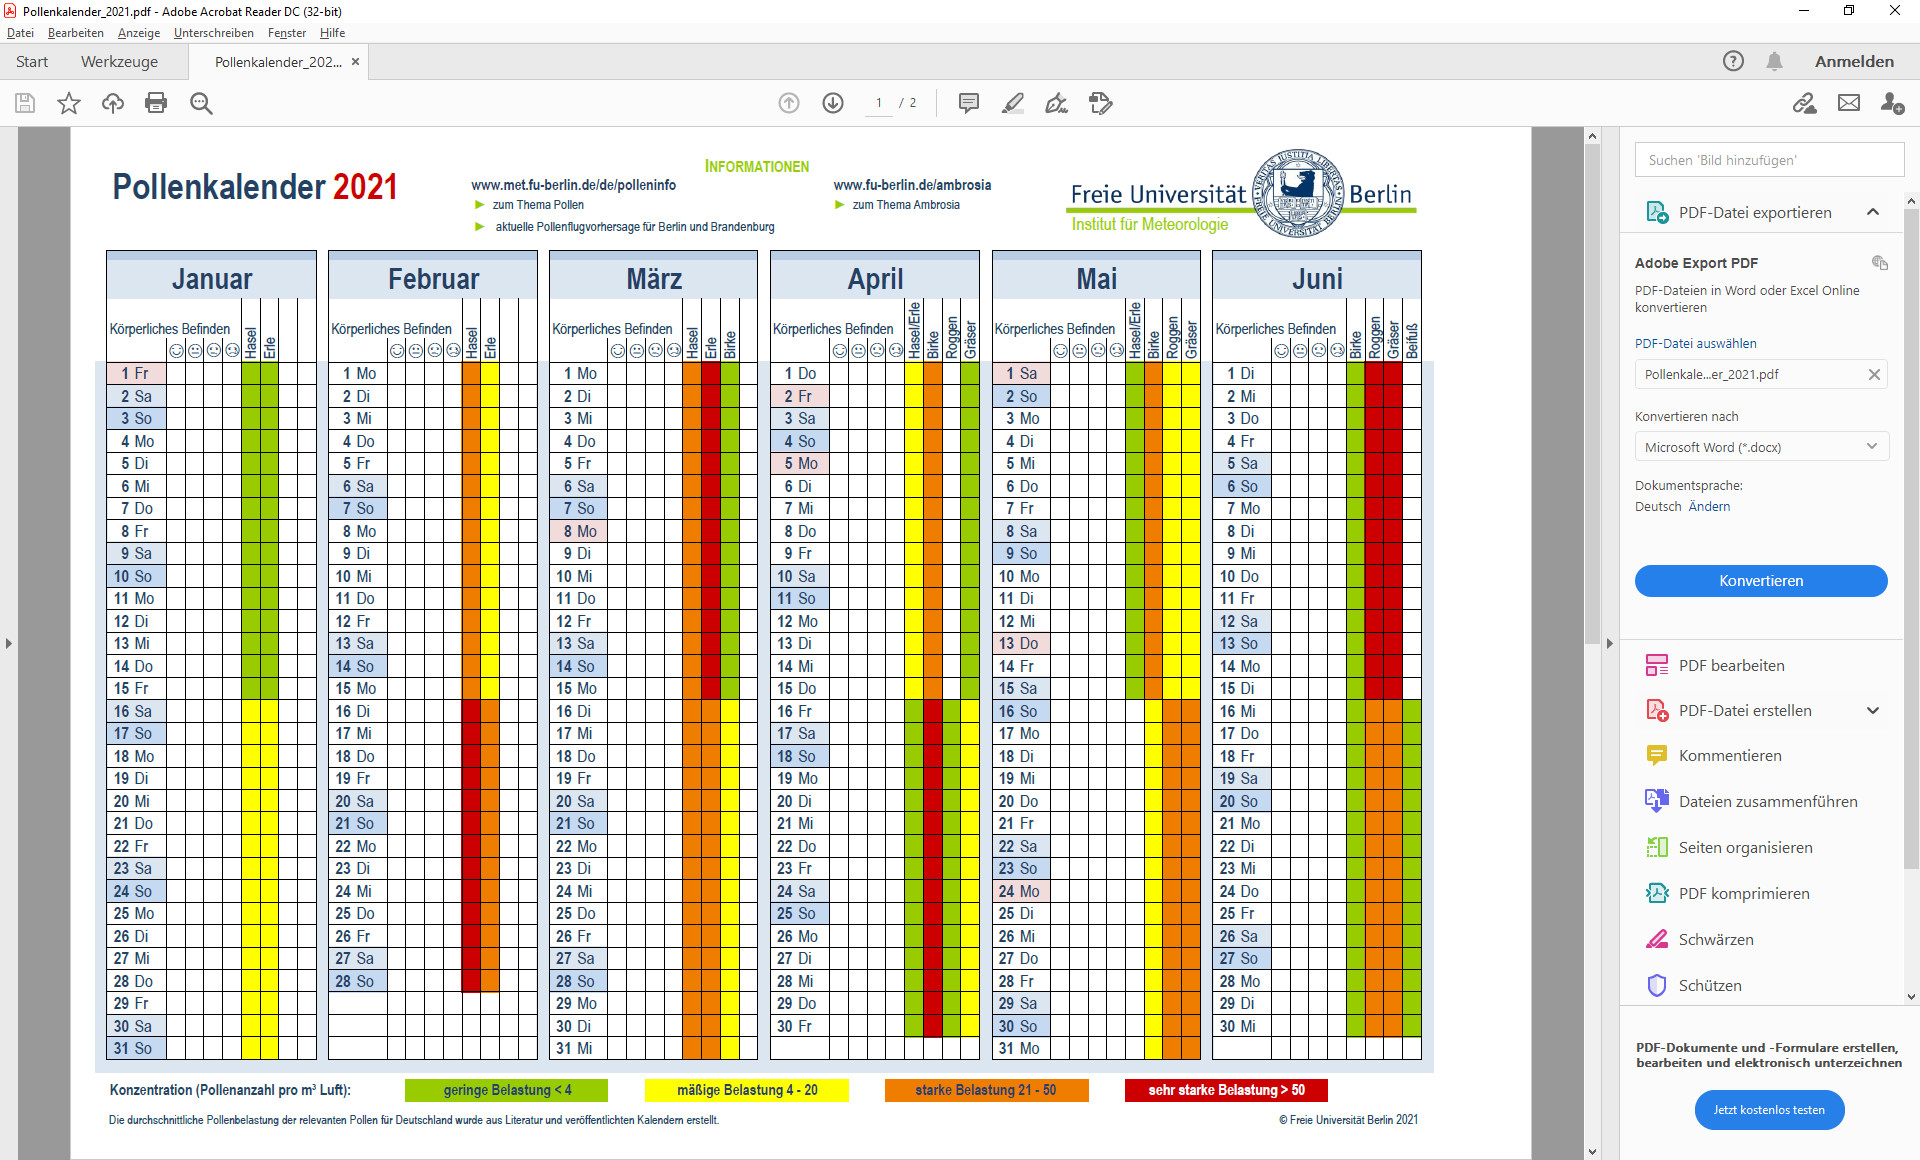 Screenshot 1 - Pollenkalender 2021